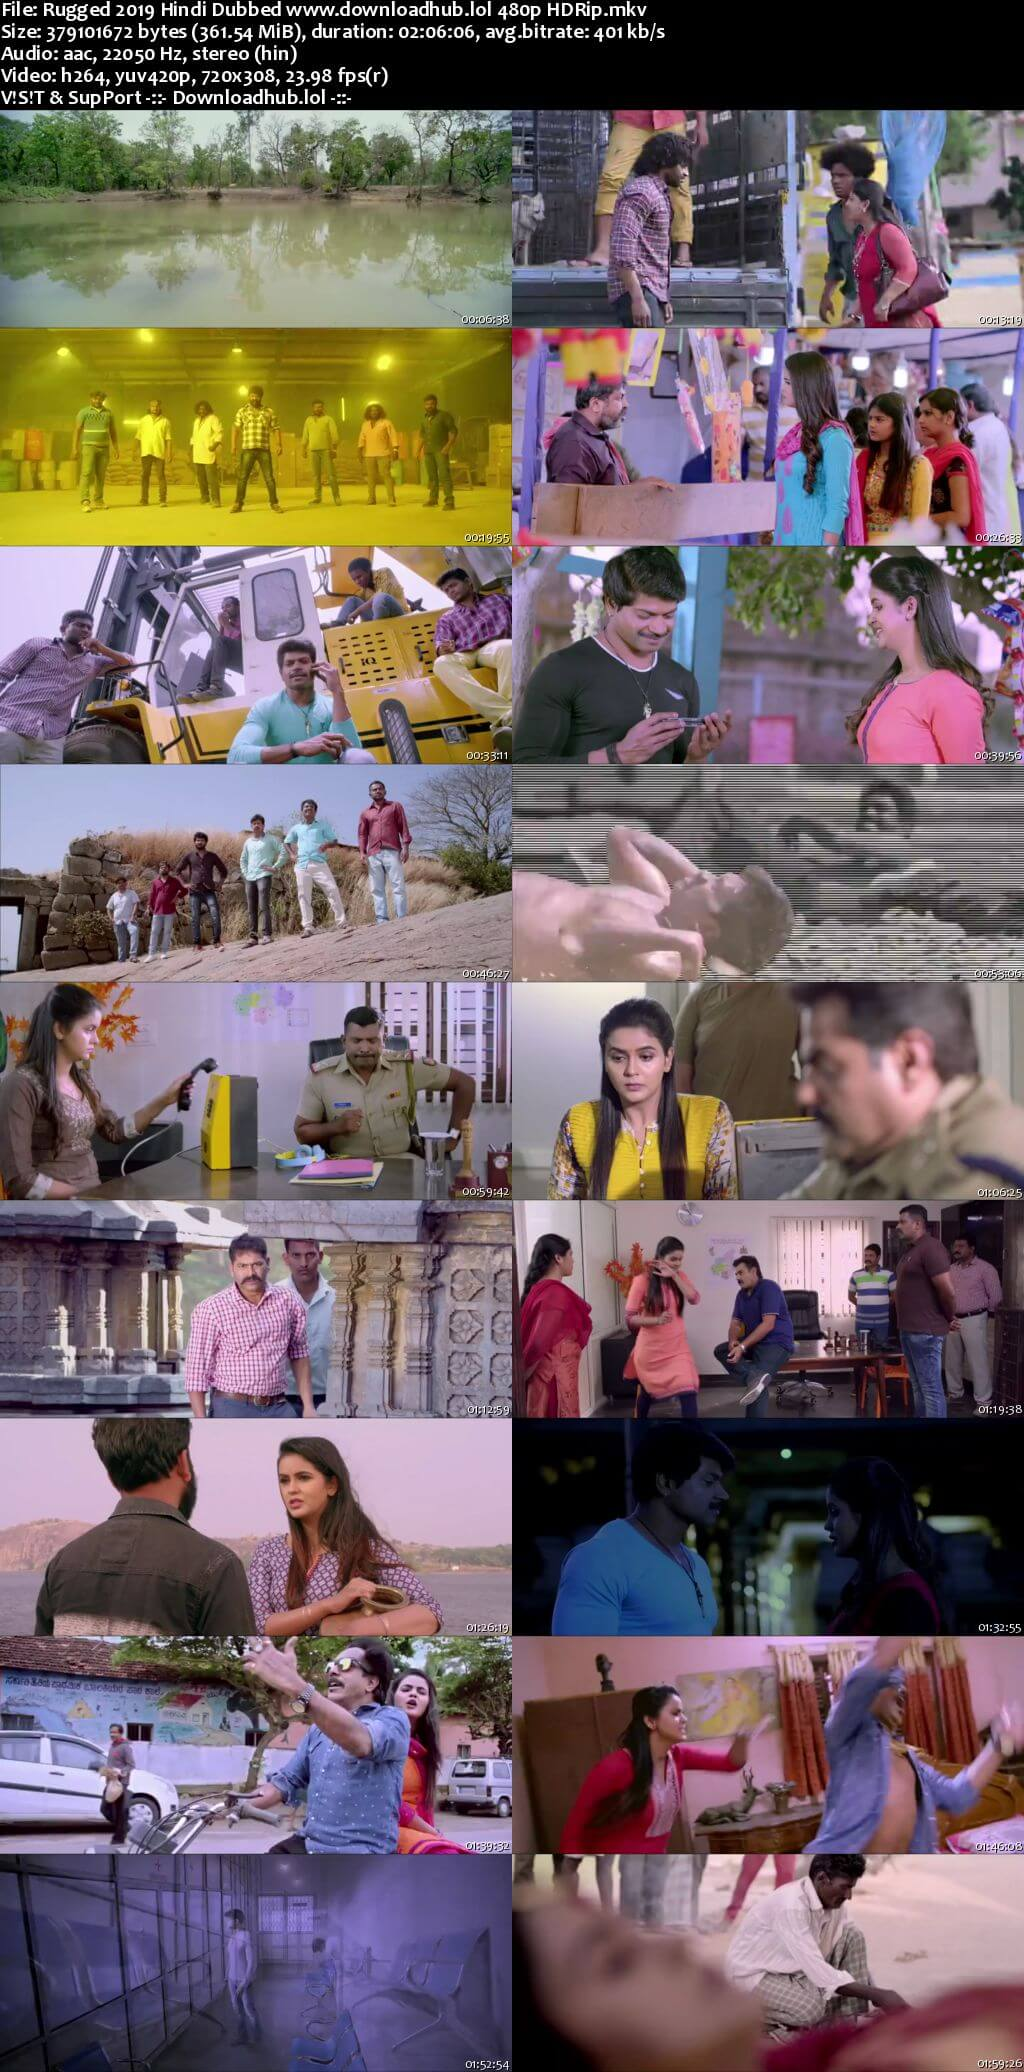 Rugged 2019 Hindi Dubbed 350MB HDRip 480p